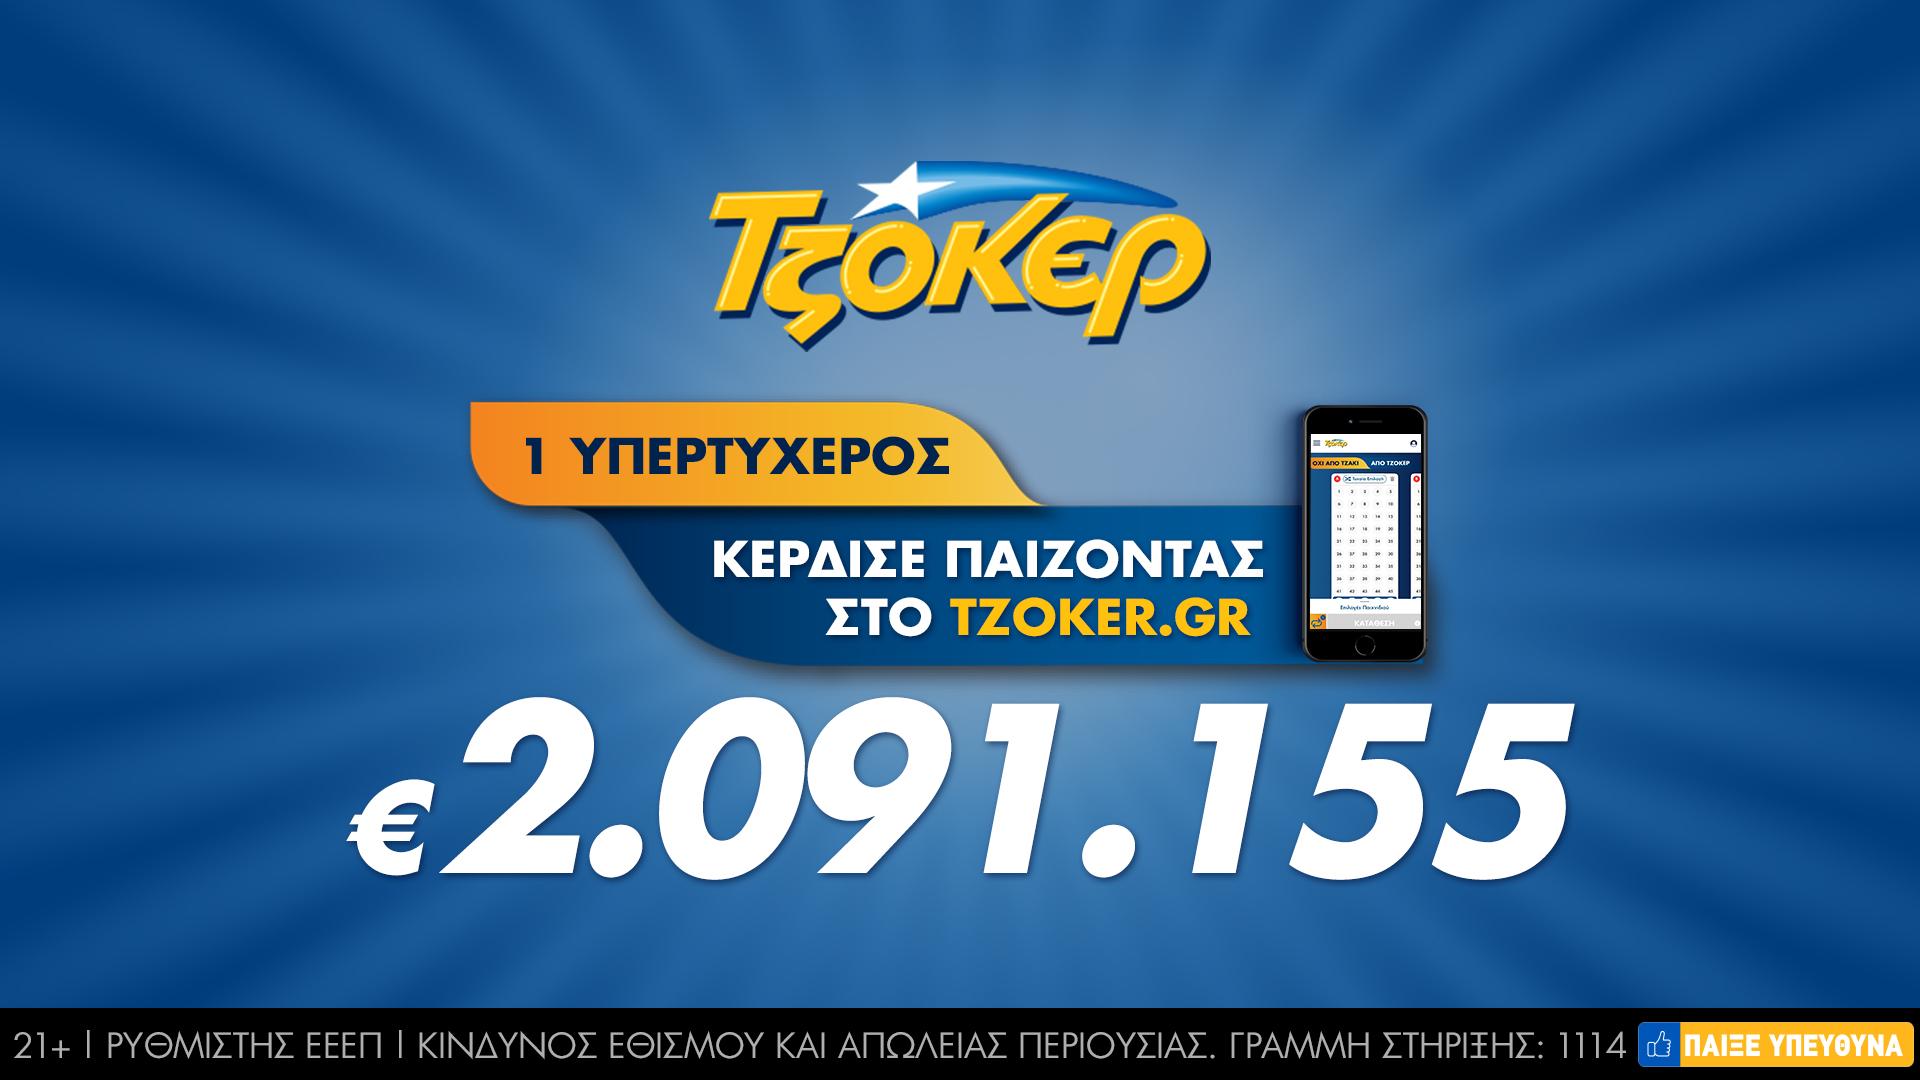 Πώς ο μεγάλος νικητής του ΤΖΟΚΕΡ κέρδισε 2.108.126 ευρώ μέσω διαδικτύου